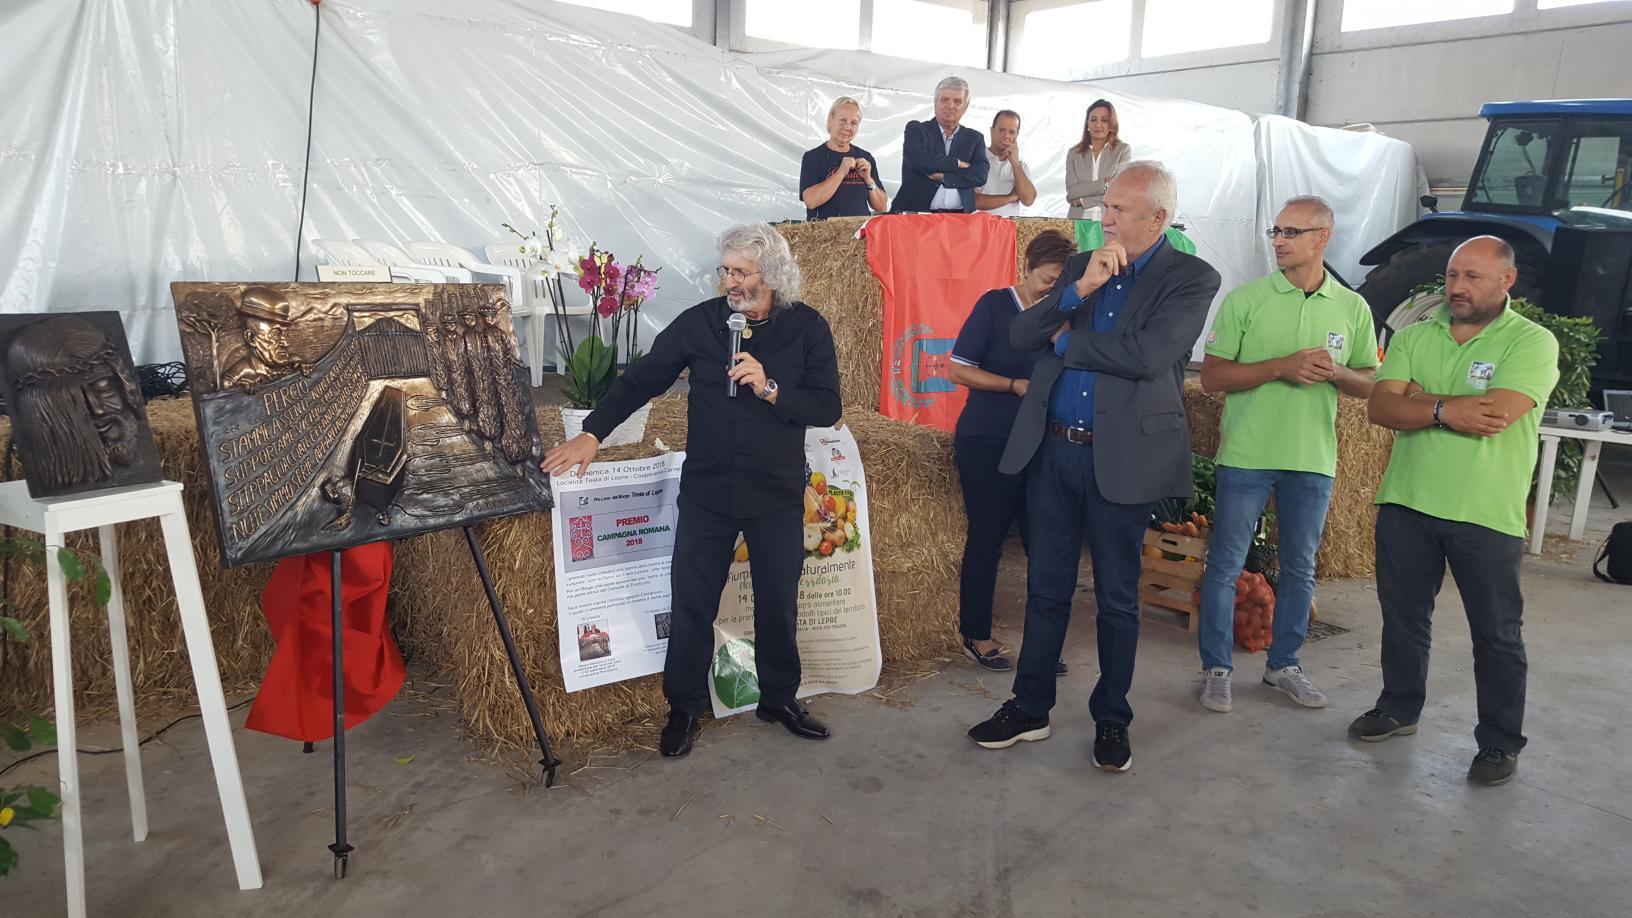 Premio Campagna Romana 2018 13